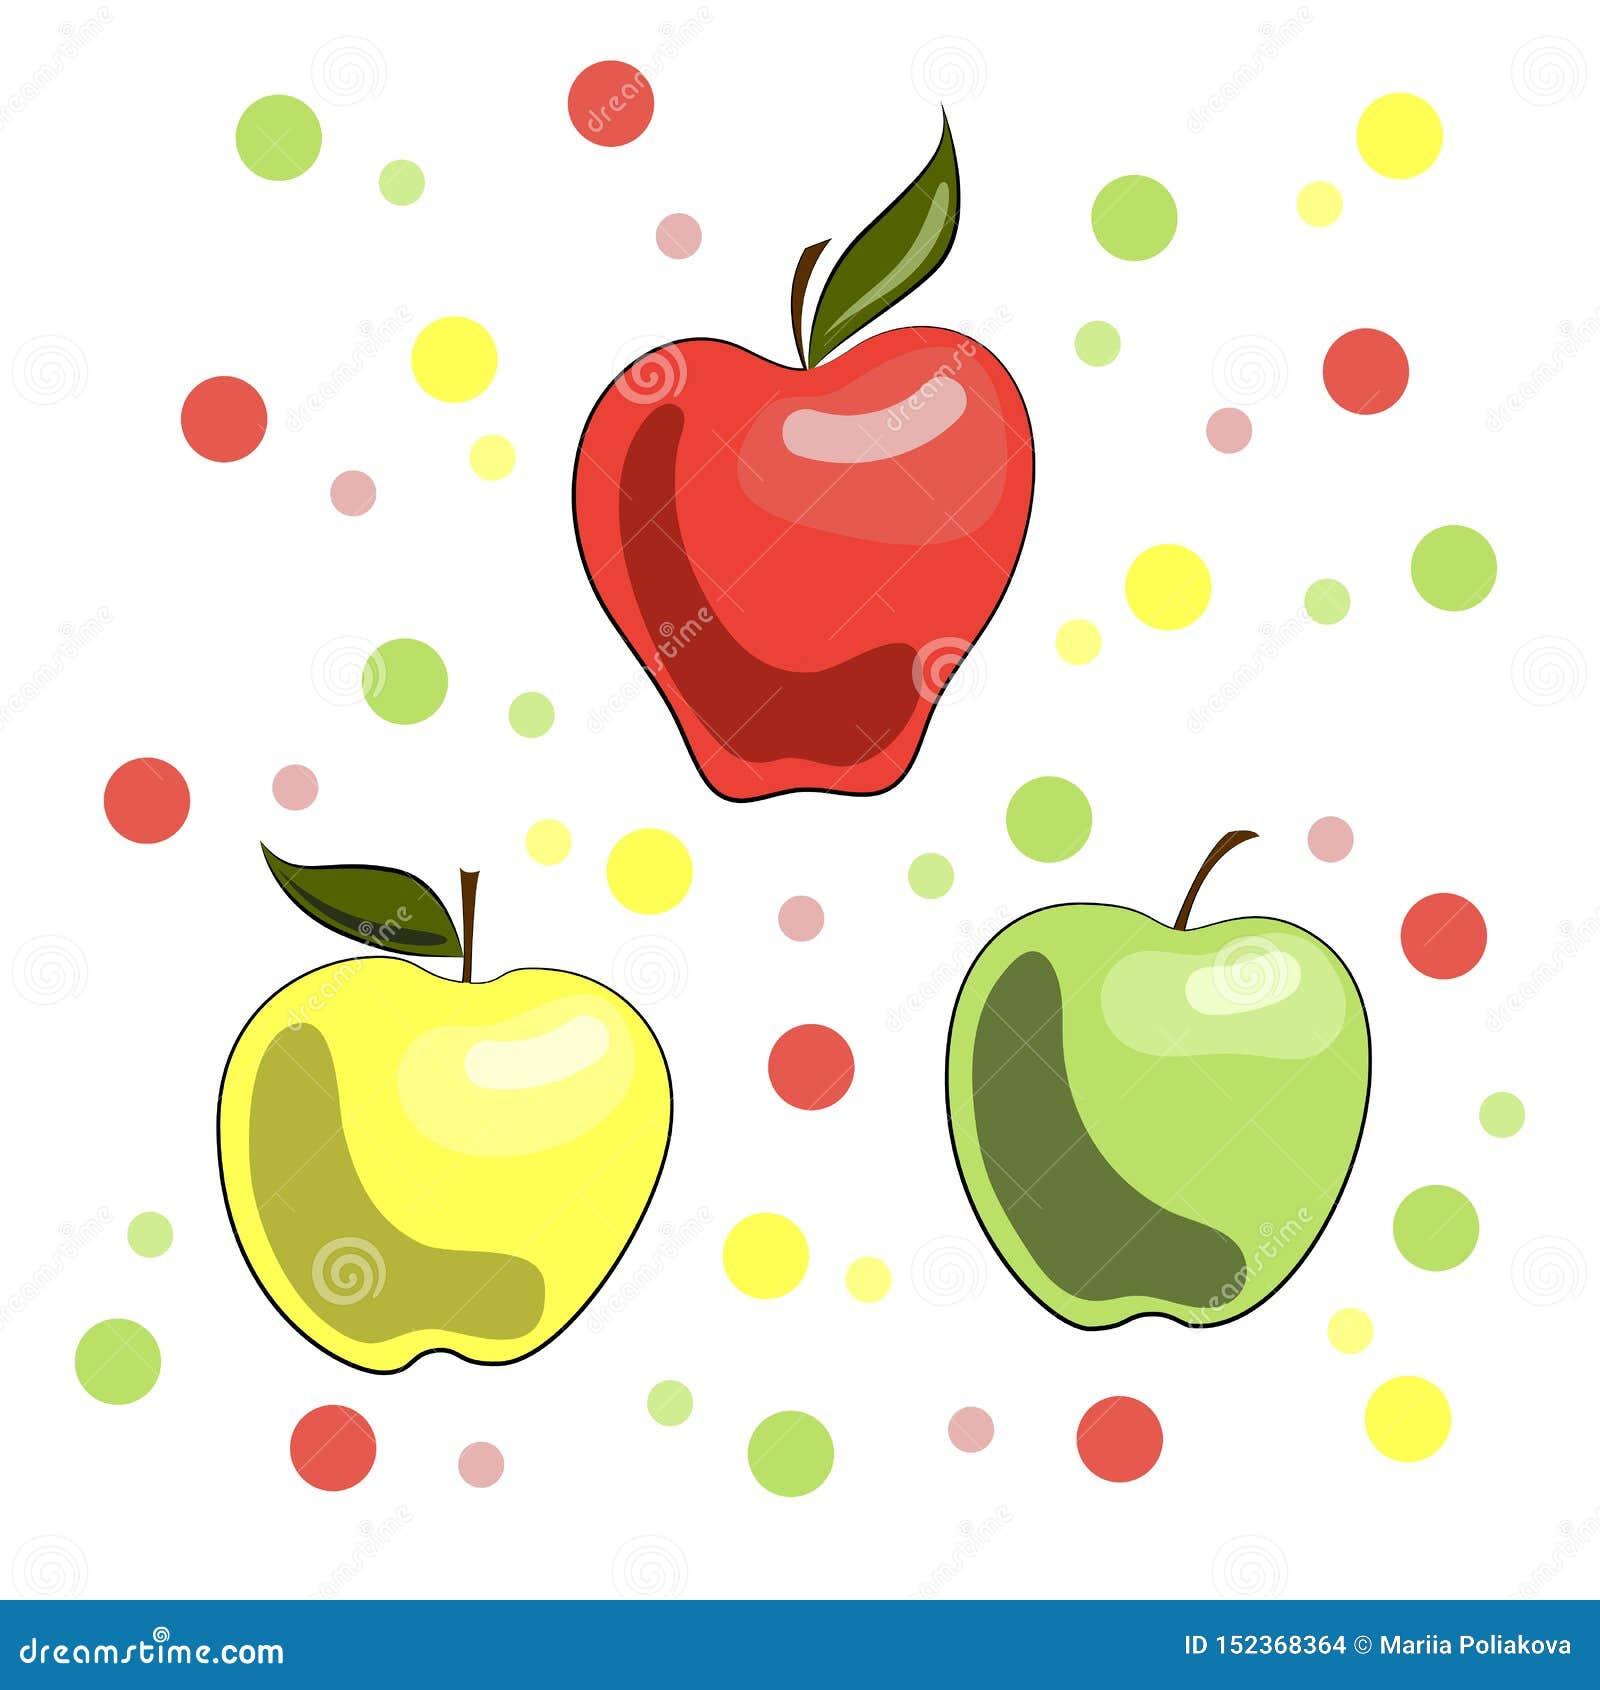 Een levendige illustratie van appelen: rood, geel en groen